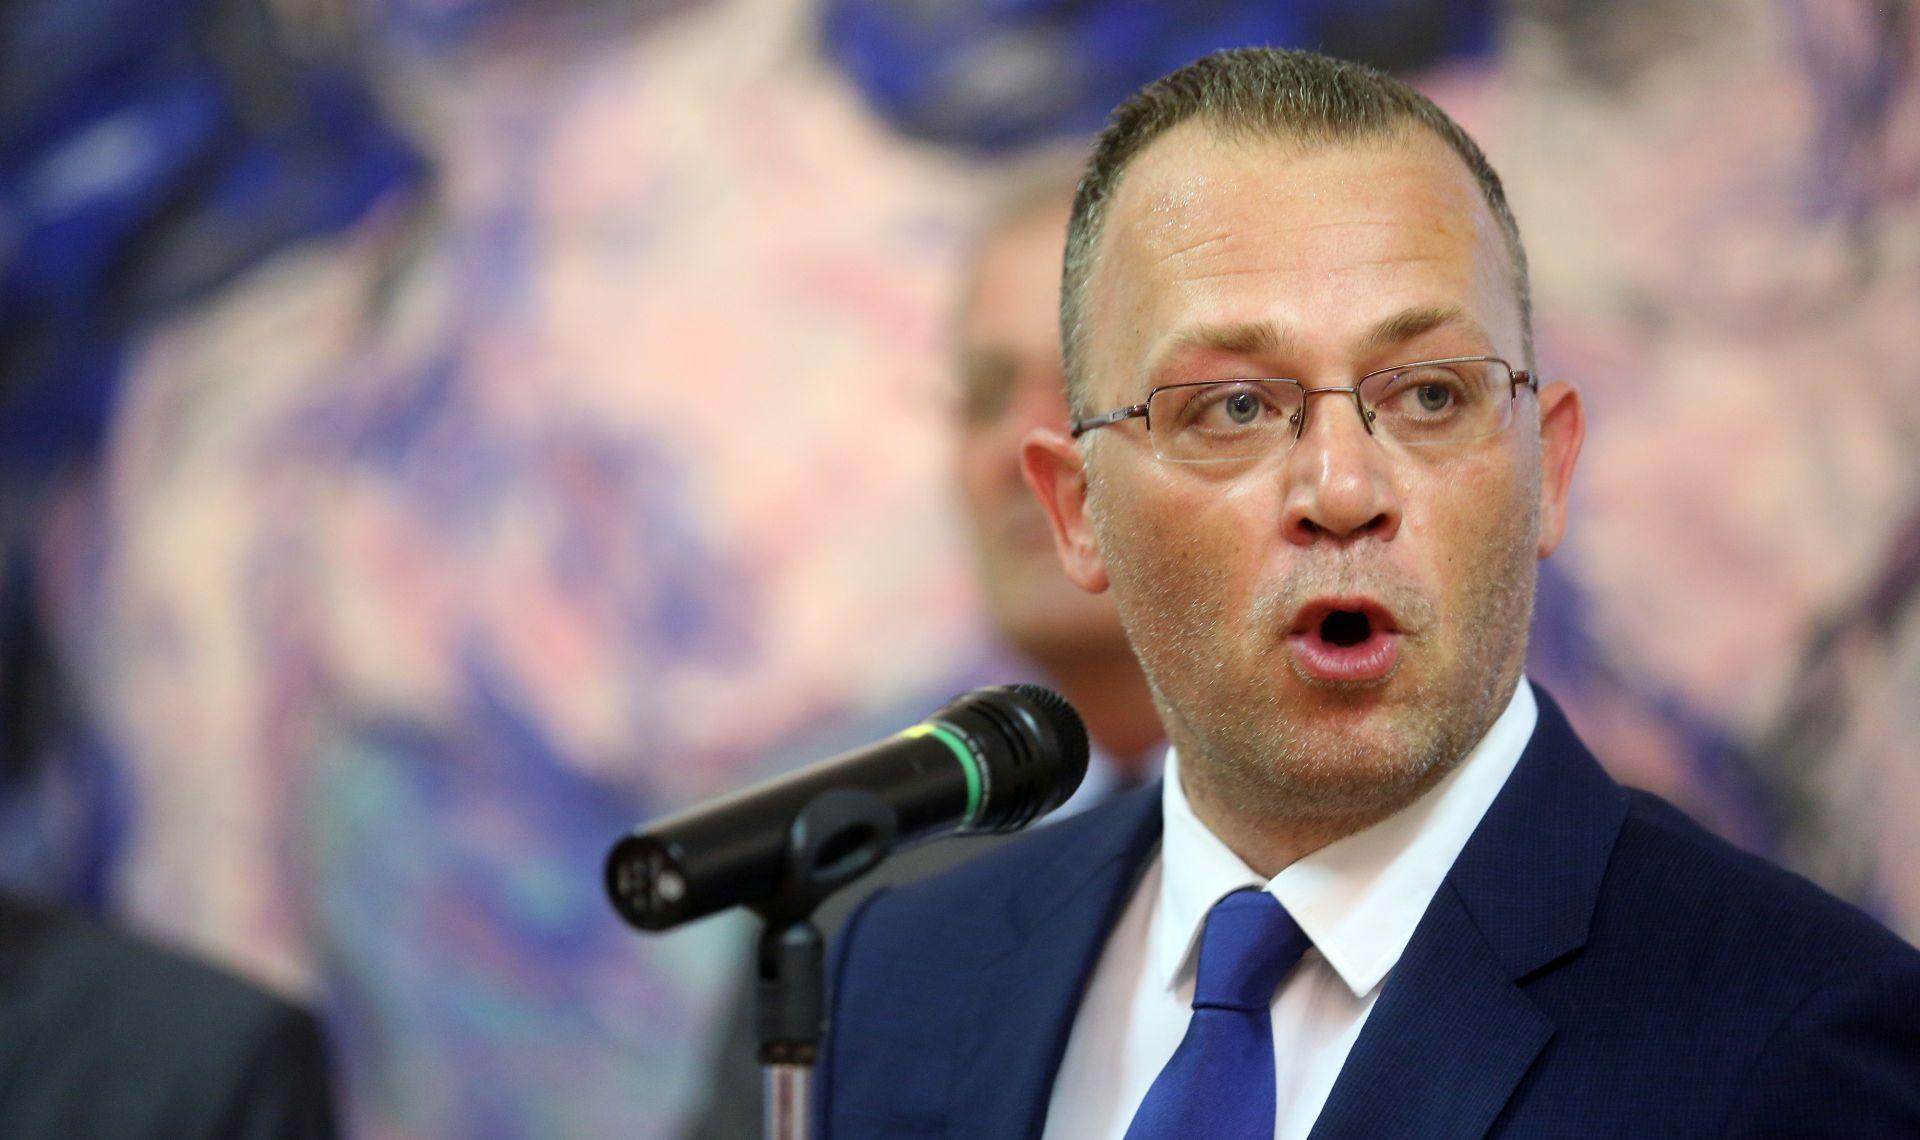 ZBOG TEKSTA U NACIONALU Hasanbegović prijavio Zrinku Vrabec Mojzeš pravobraniteljici za djecu